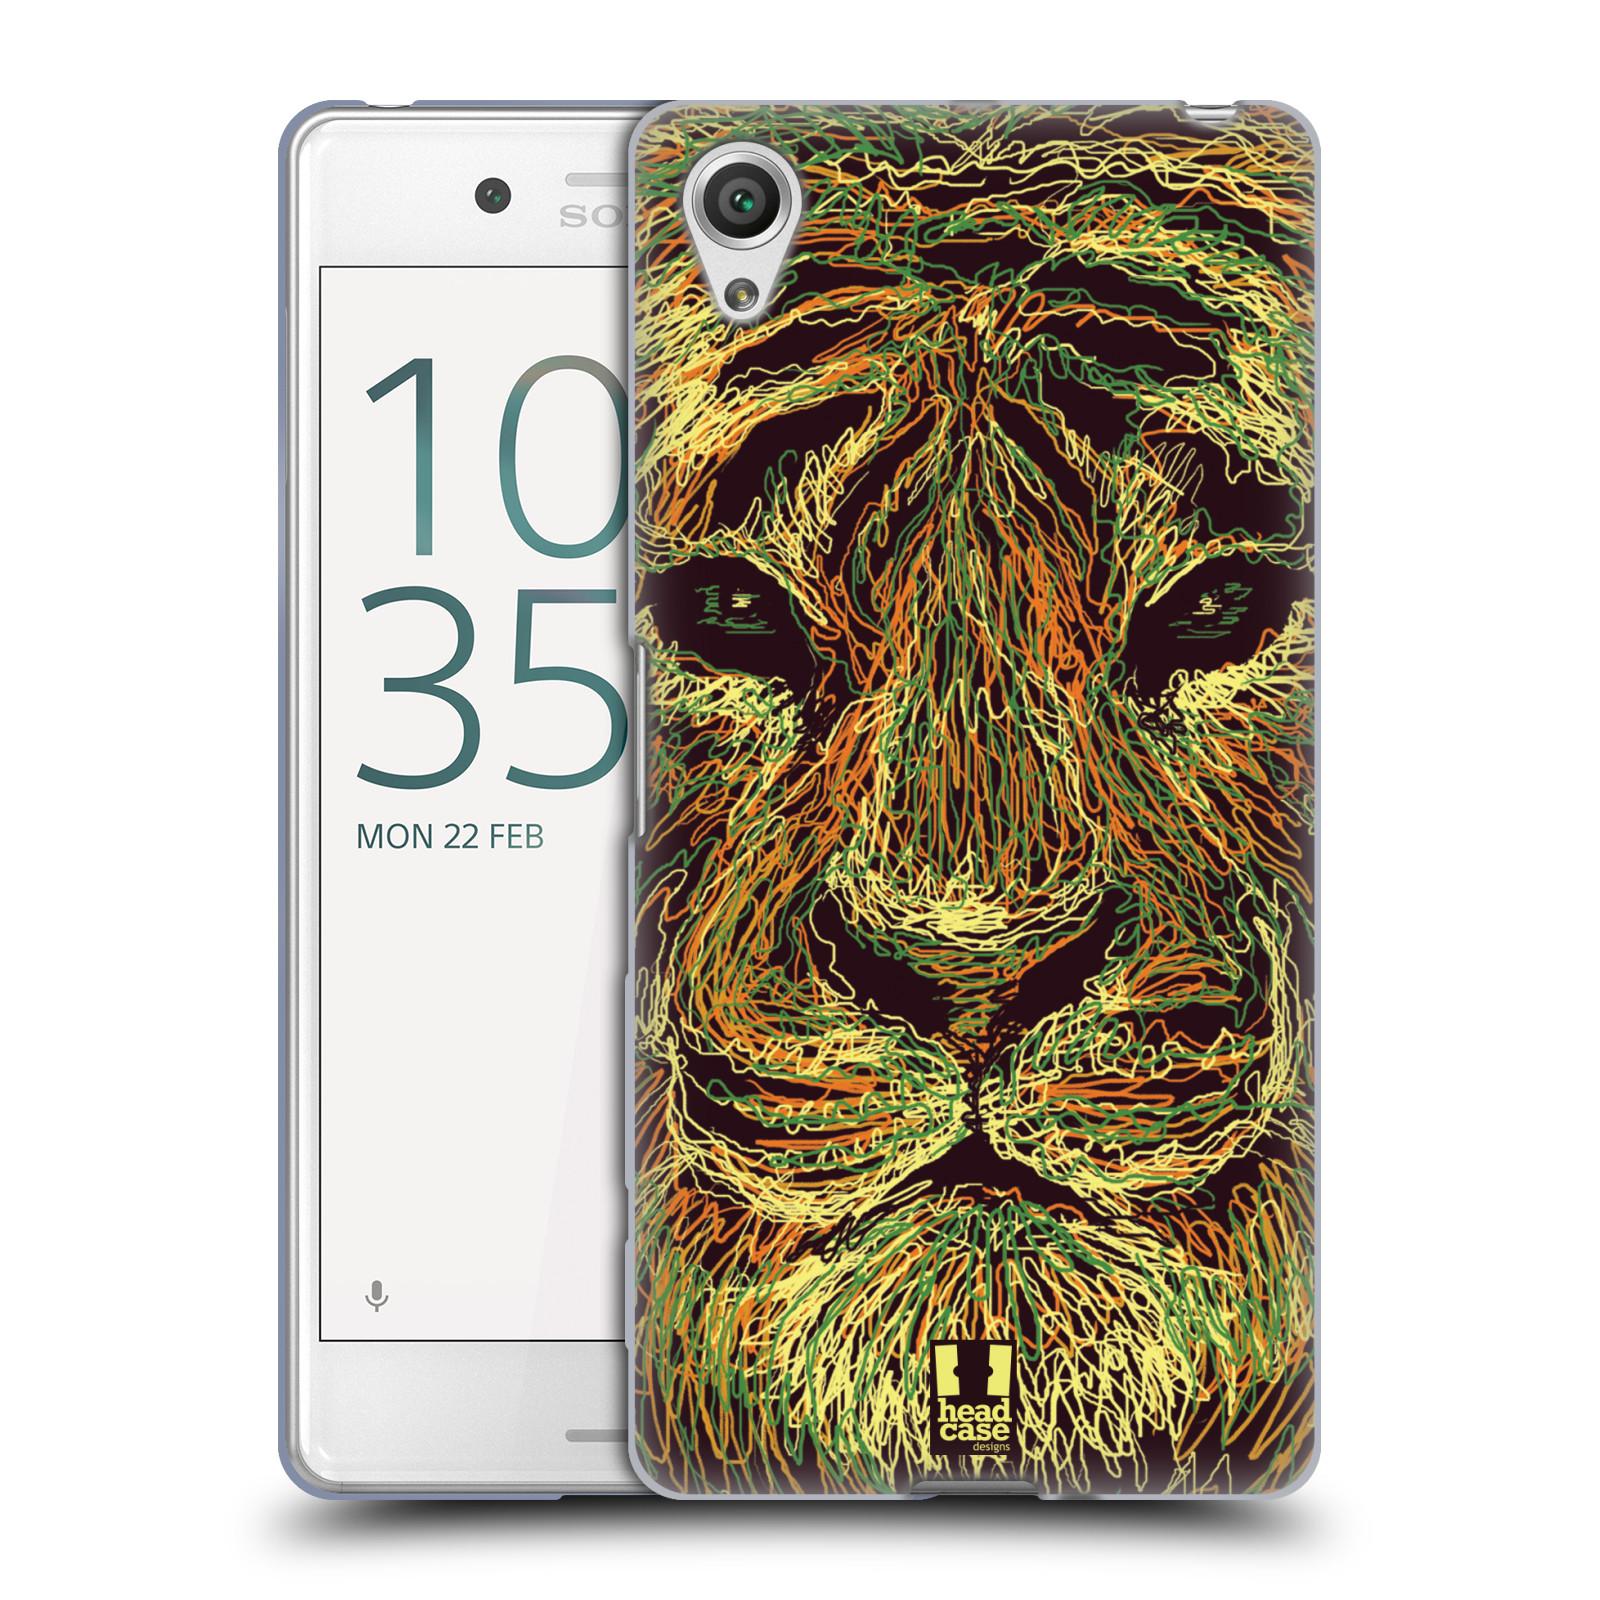 HEAD CASE silikonový obal na mobil Sony Xperia X PERFORMANCE (F8131, F8132) vzor zvíře čmáranice tygr